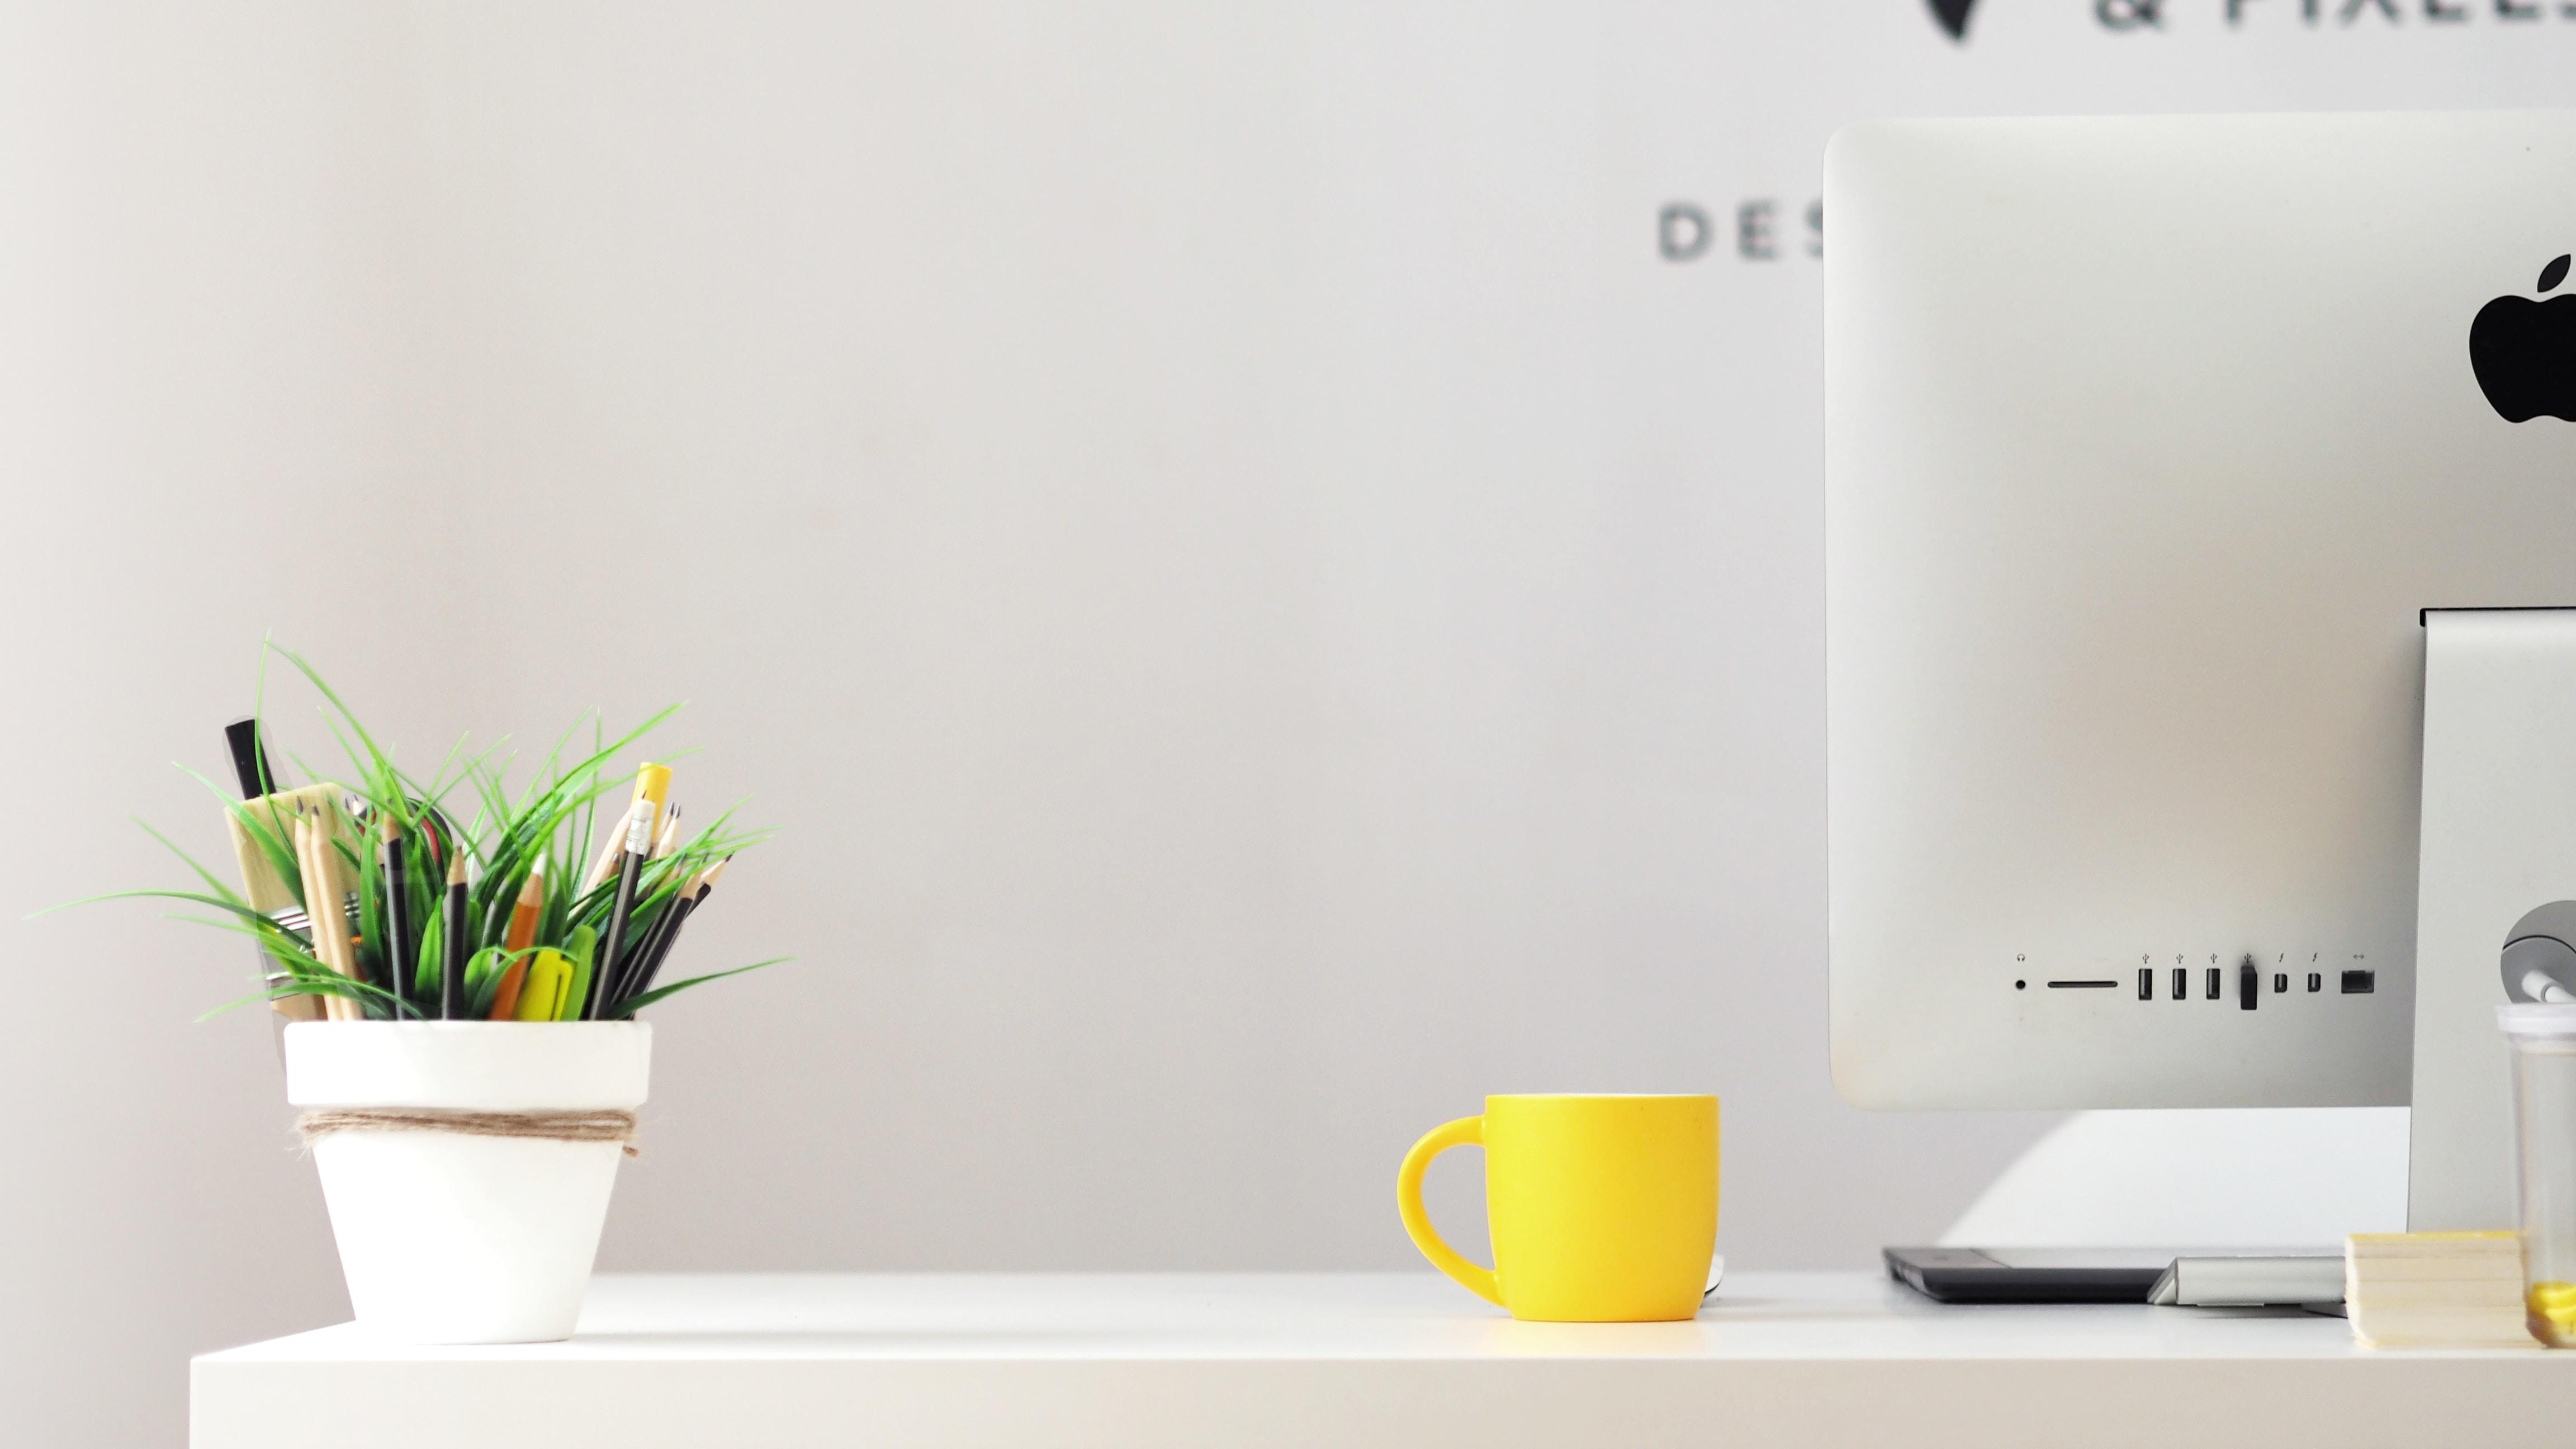 Какие тренды веб дизайна ждать в 2020? | WADLINE